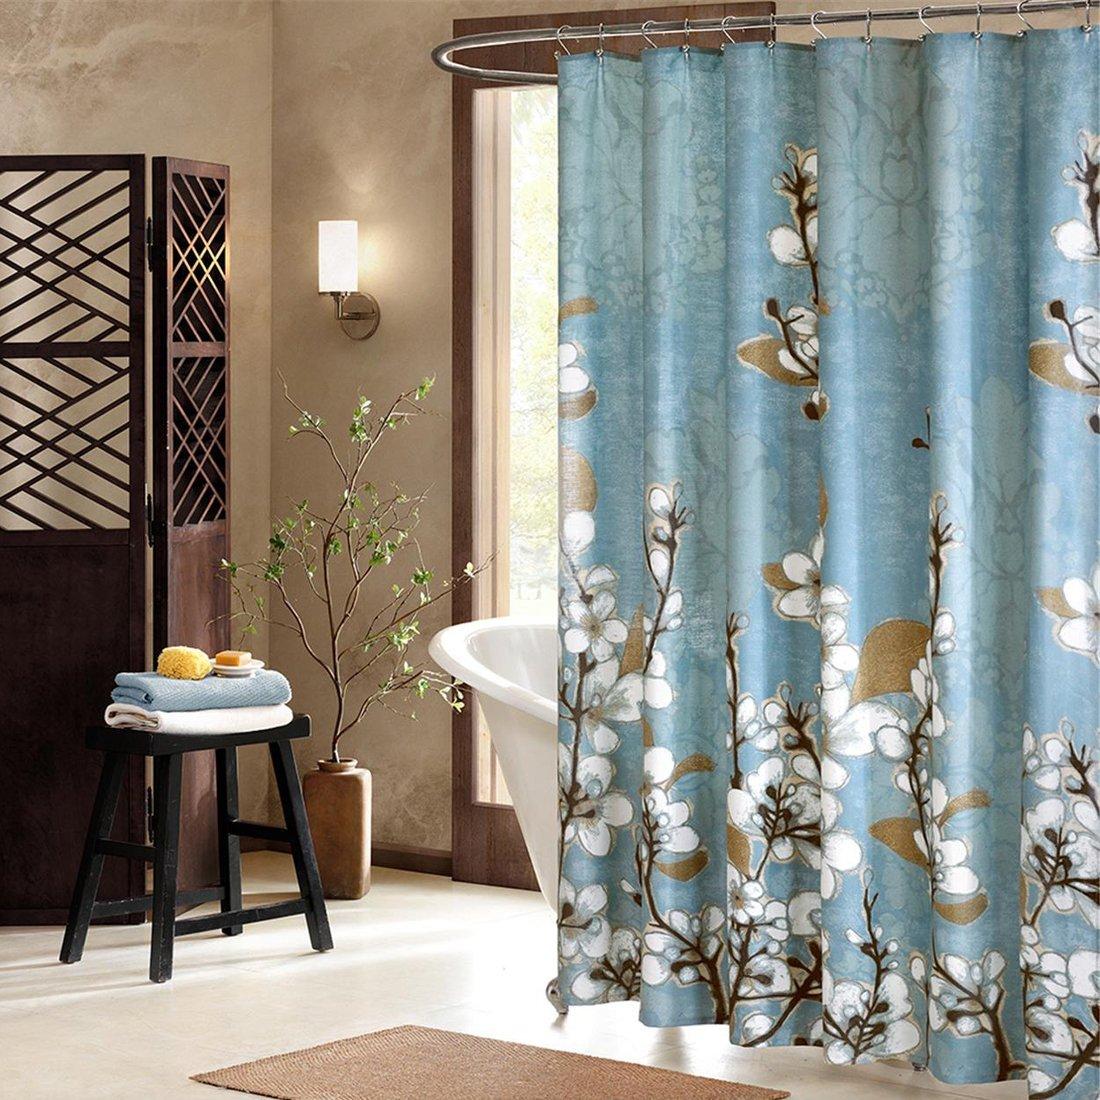 Hanakotoba голубая занавеска для душа, цветок полиэстер плесени устойчивы, растения для ванной комнаты, Цветочный, печать водонепроницаемая зан...